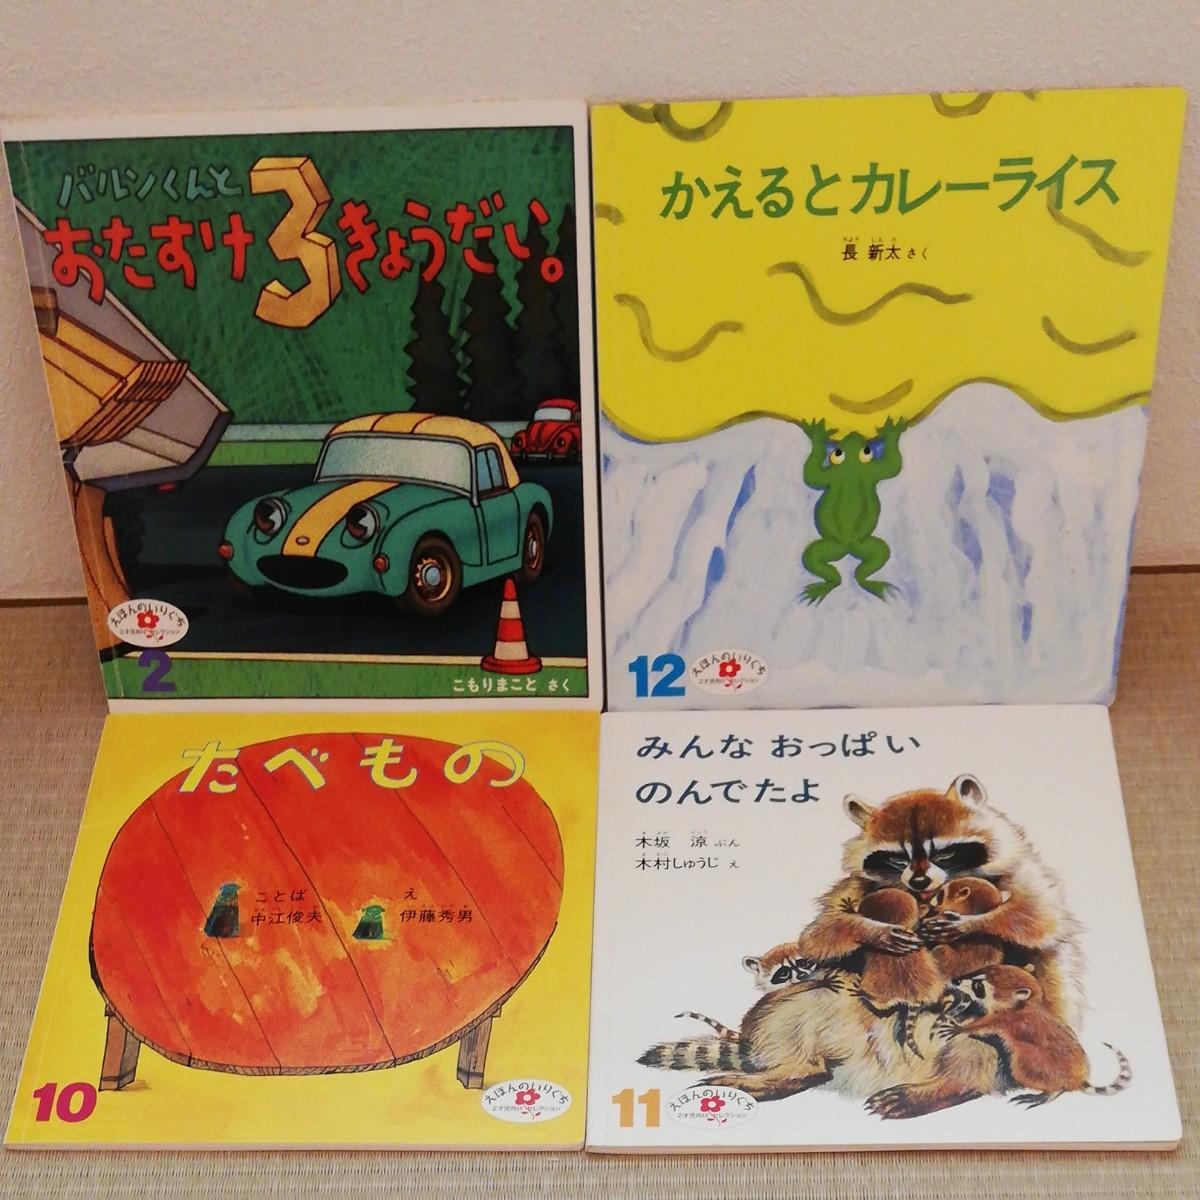 福音館書店 こどものとも えほんのいりぐち 2才児向けセレクション 4冊 年少 かえる 3きょうだい たべもの等